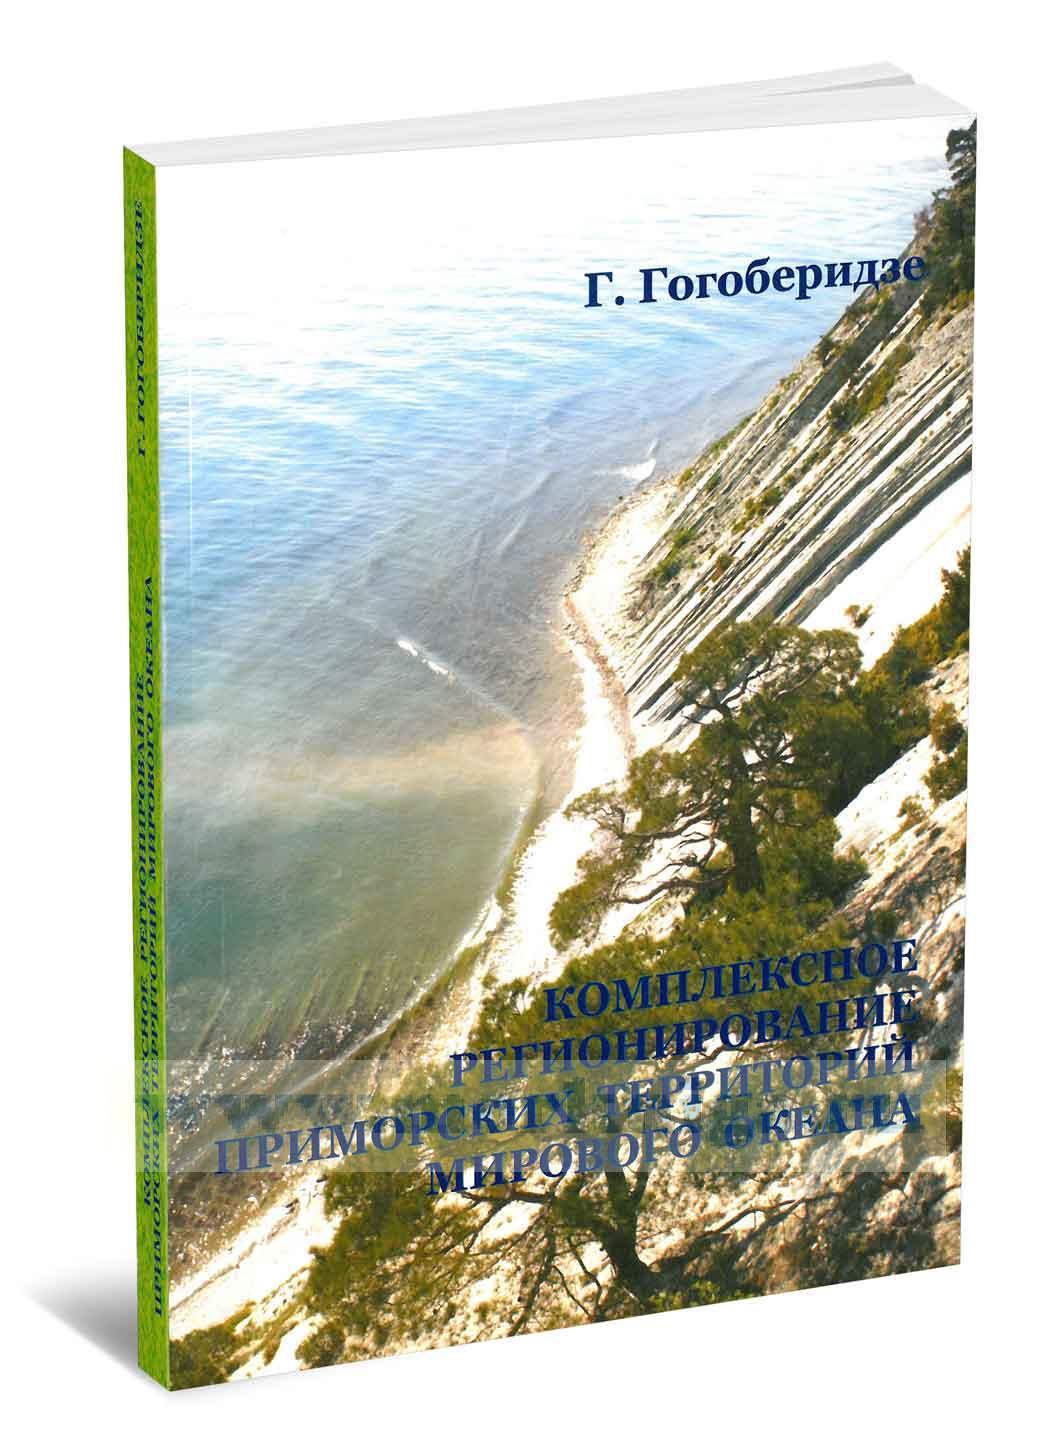 Комплексное регионирование приморских территорий Мирового океана. Монография